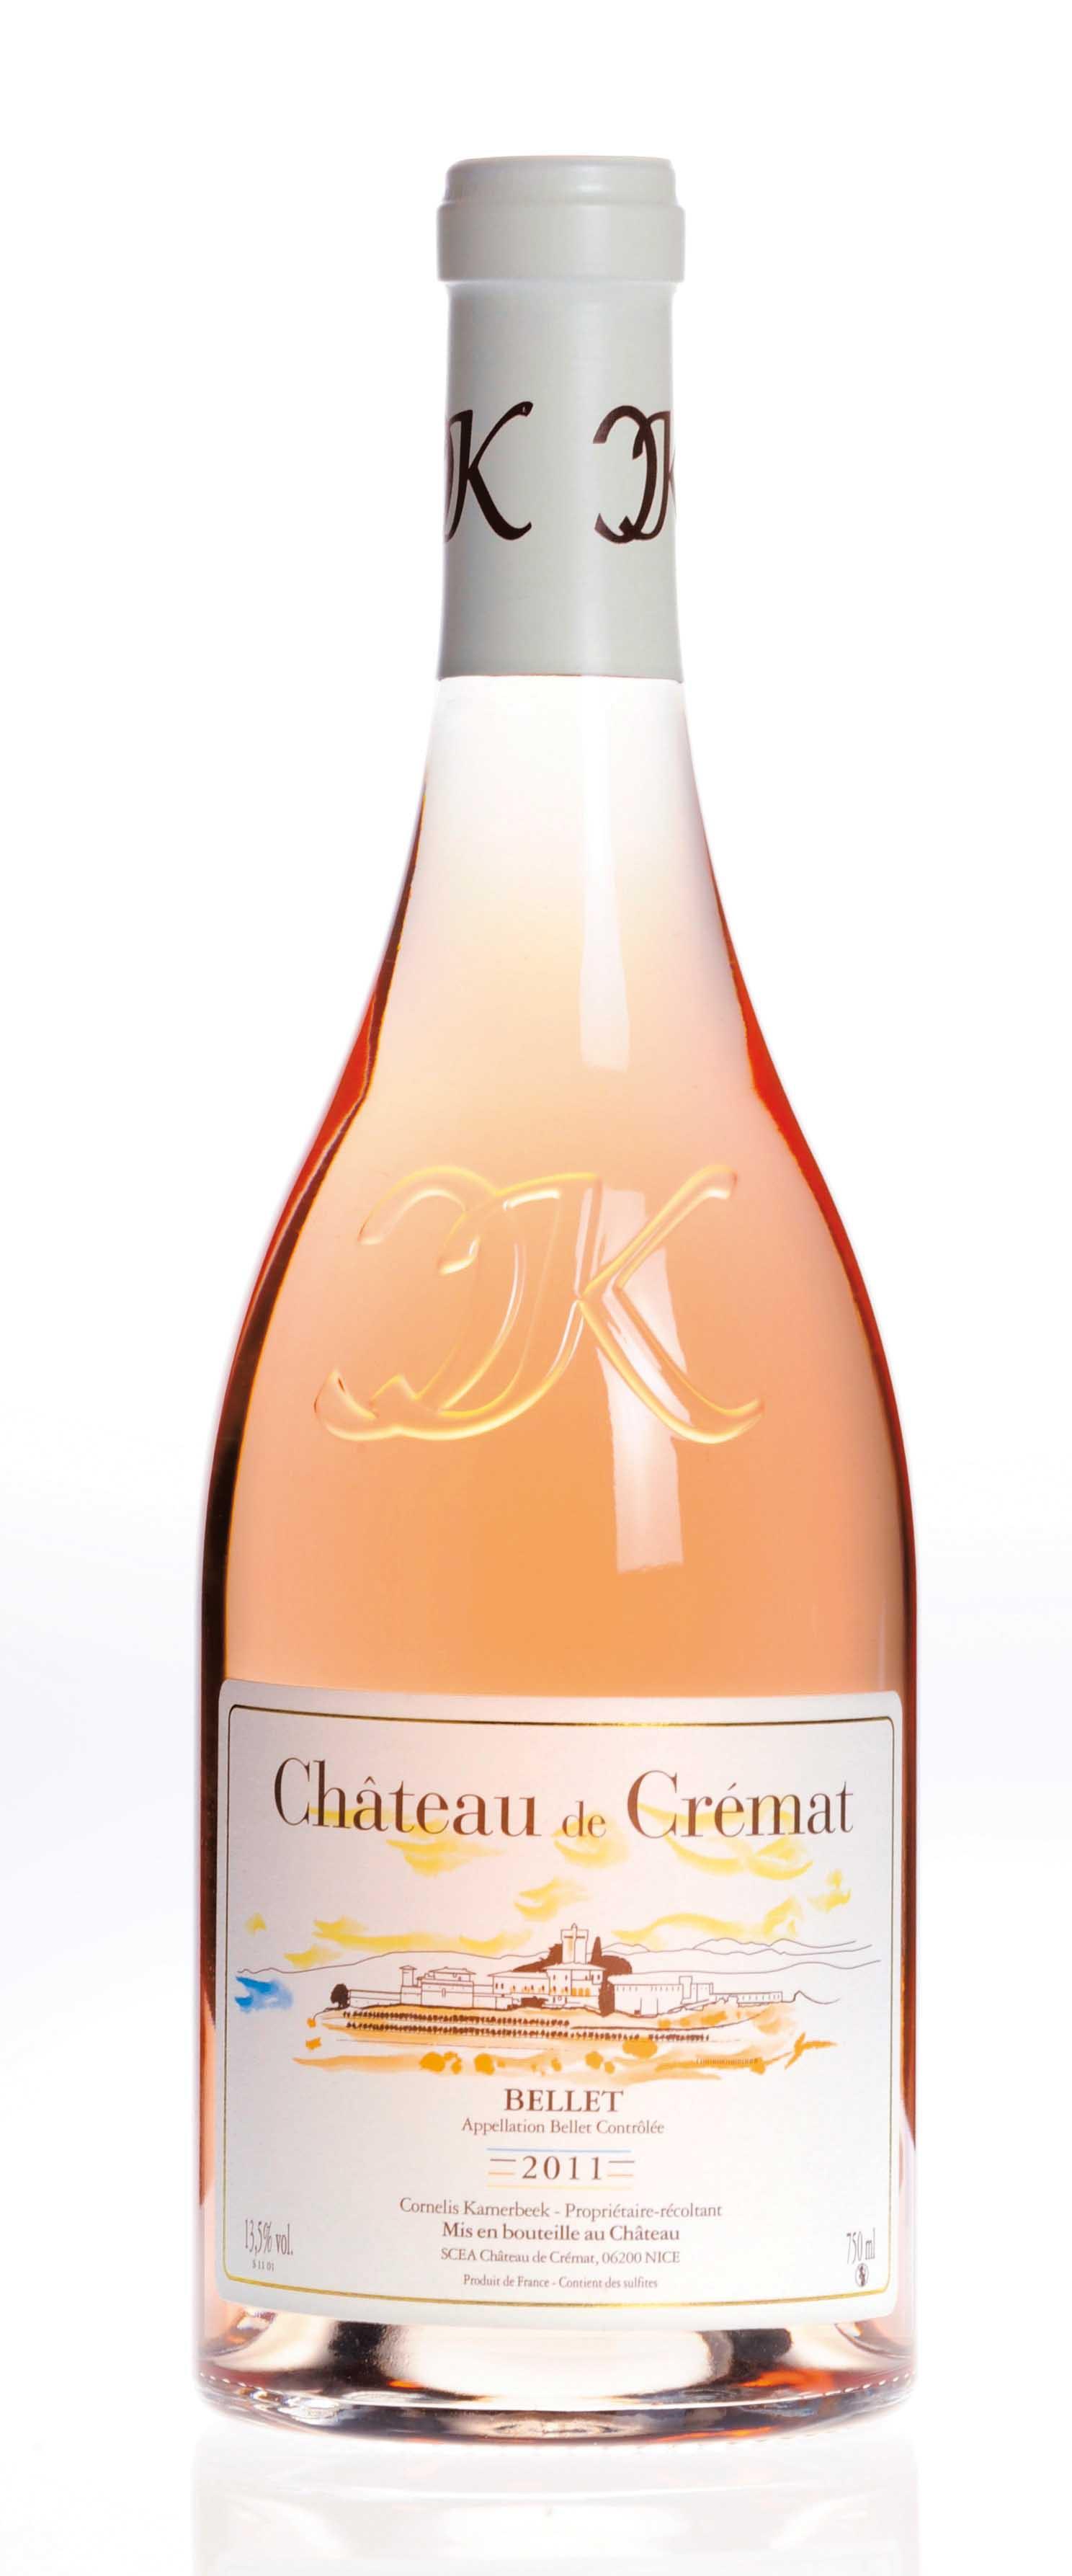 Vin rosé AOC Bellet 75cl